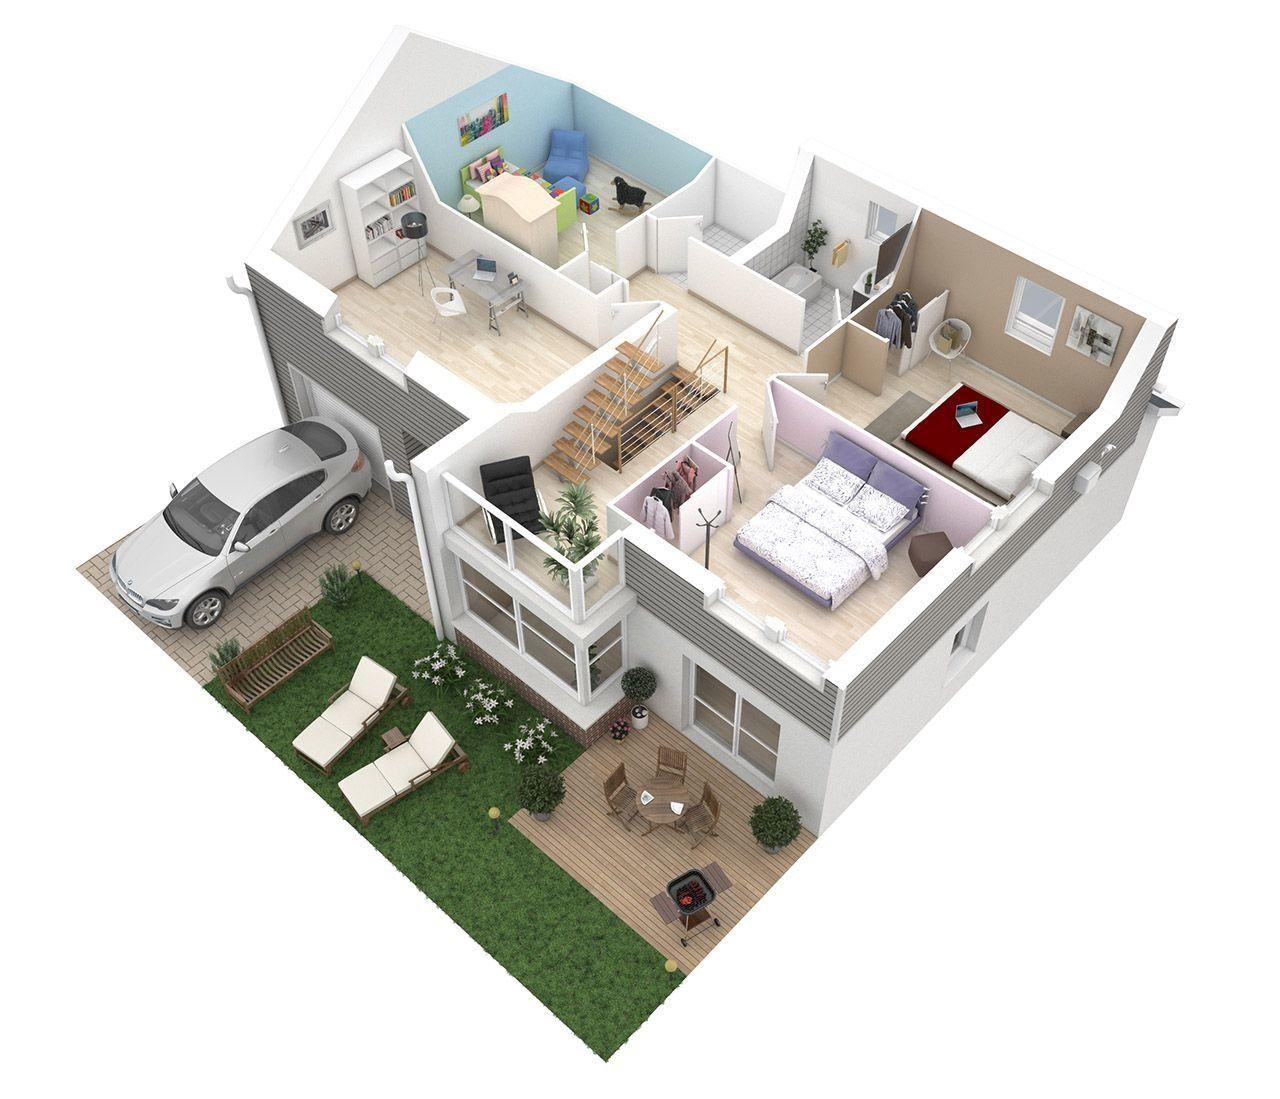 pour vos plans maisons | Plan maison 3d, Plan maison etage, Plan maison 120m2